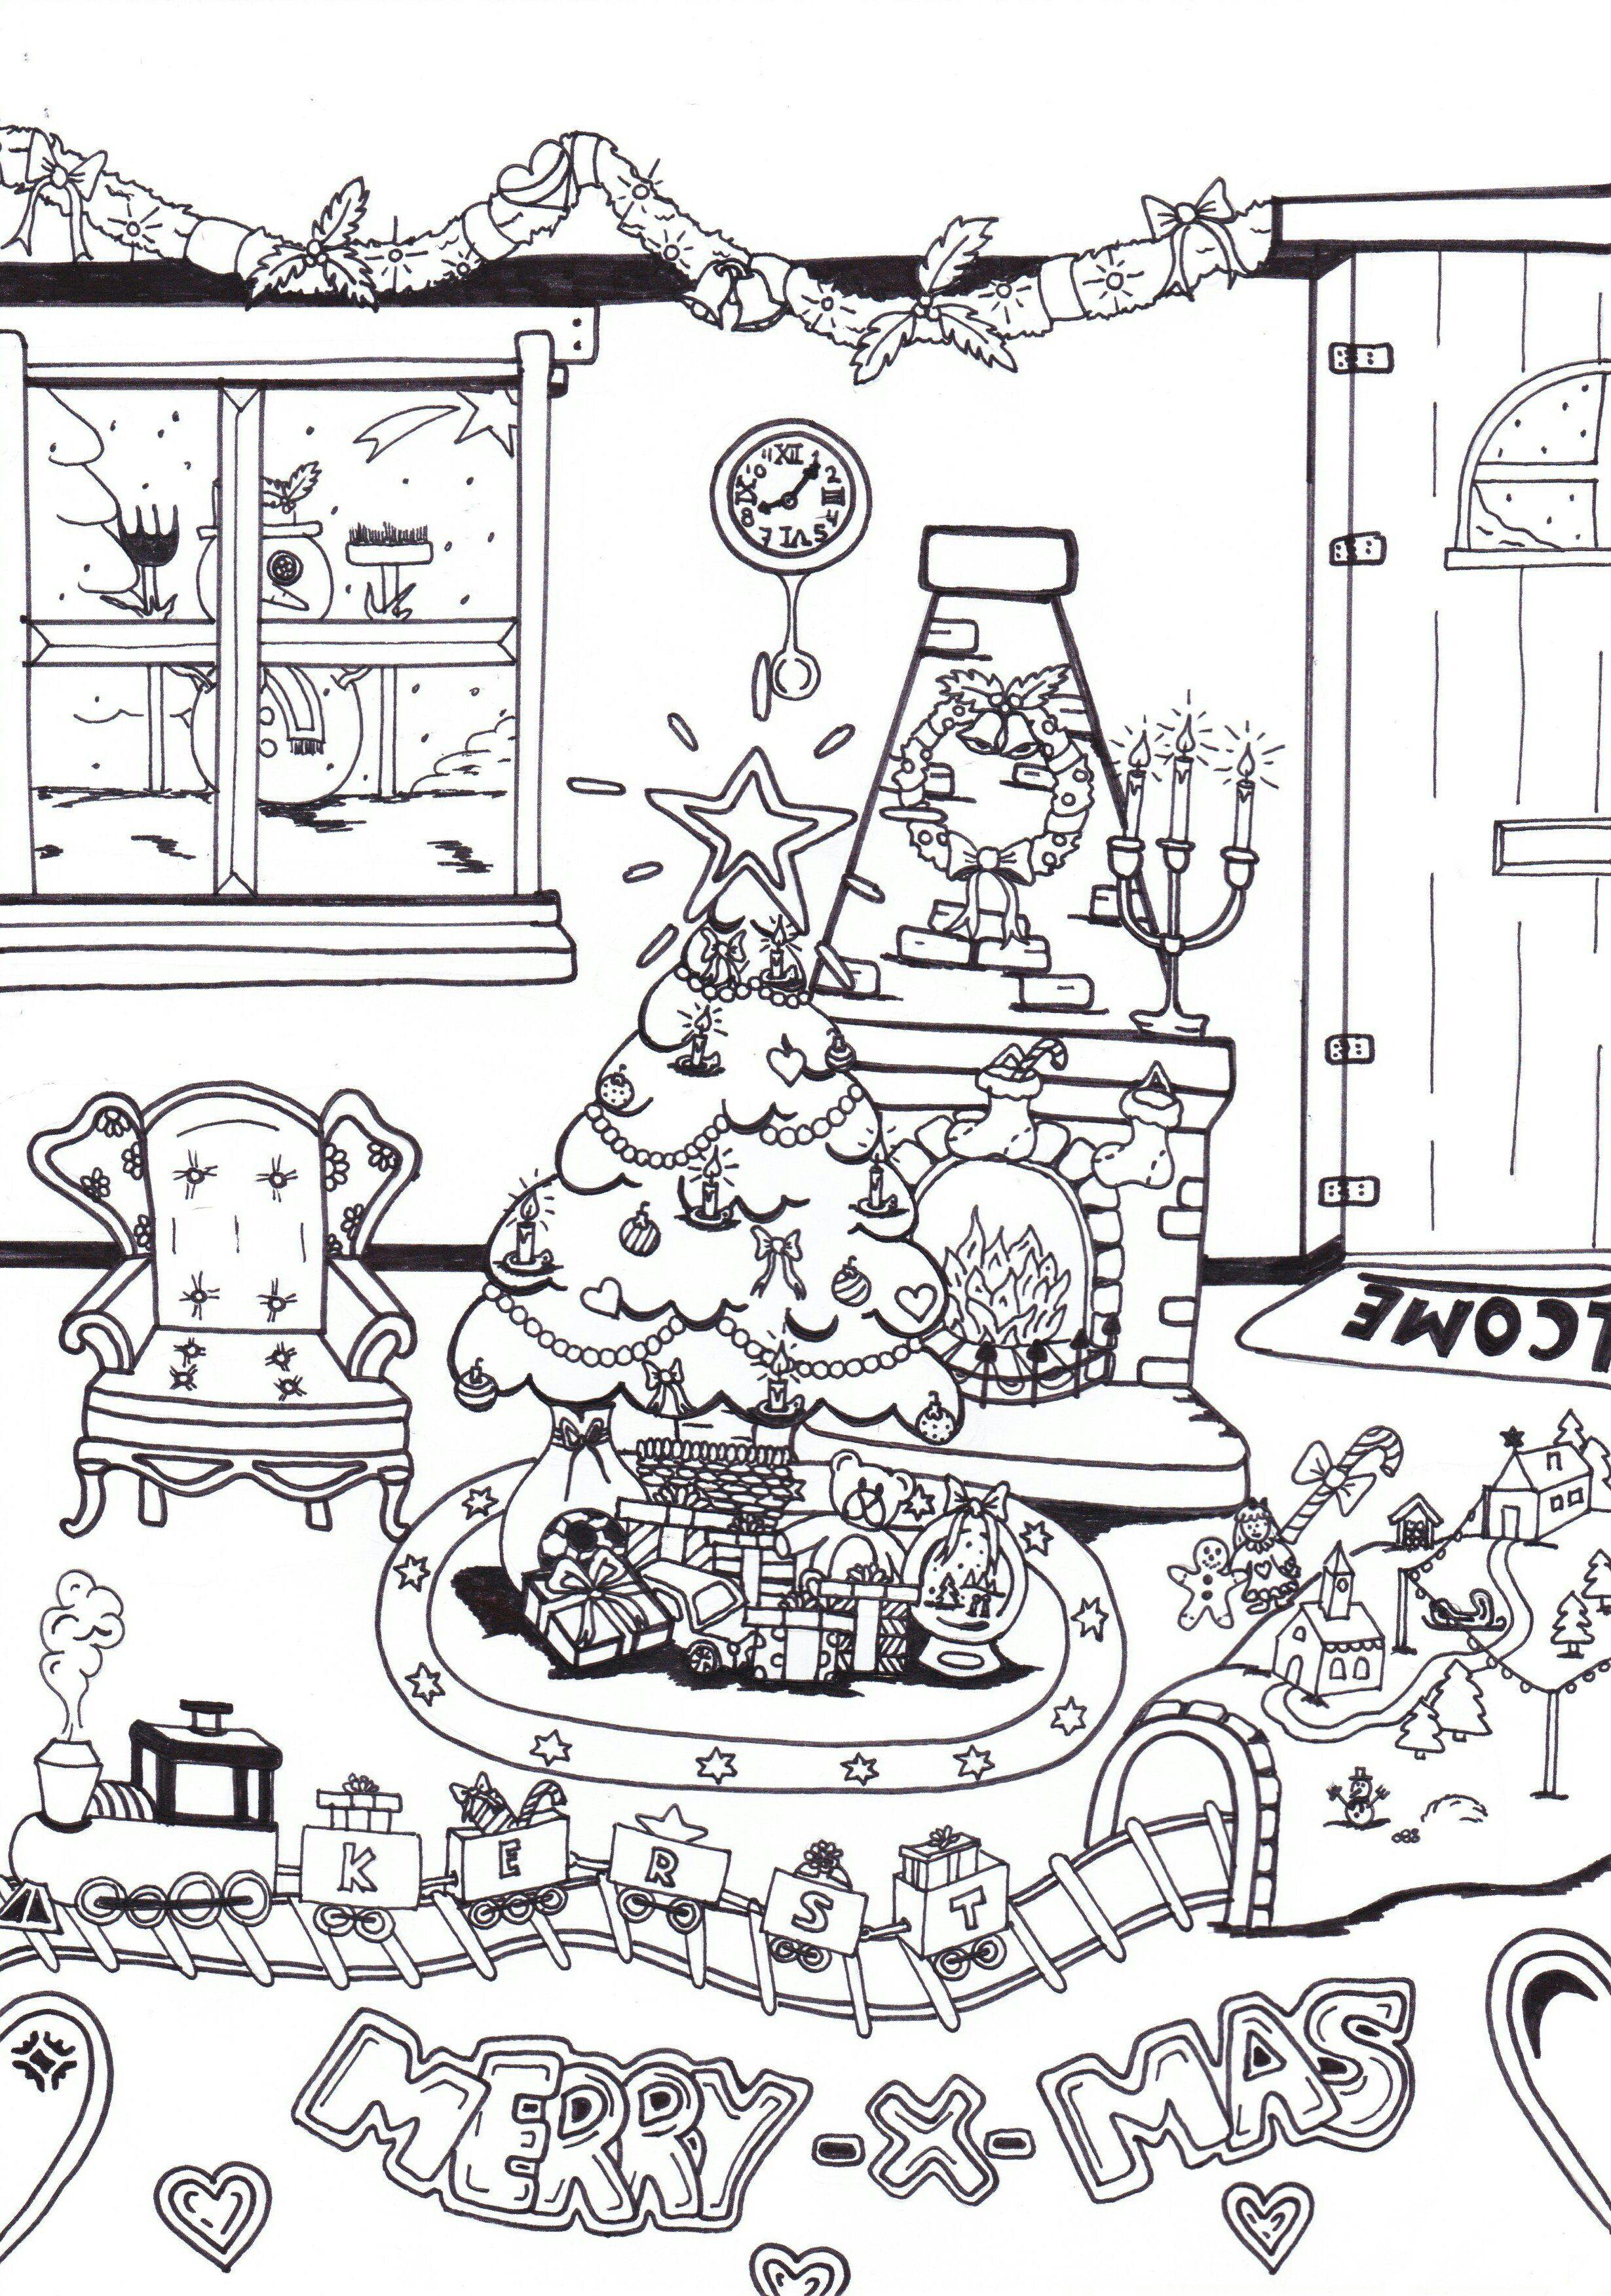 Kleurplaten Kerst Pdf.Kerst Kleurplaat Kerst Kleurplaat Waar Vind Je Een Leuke